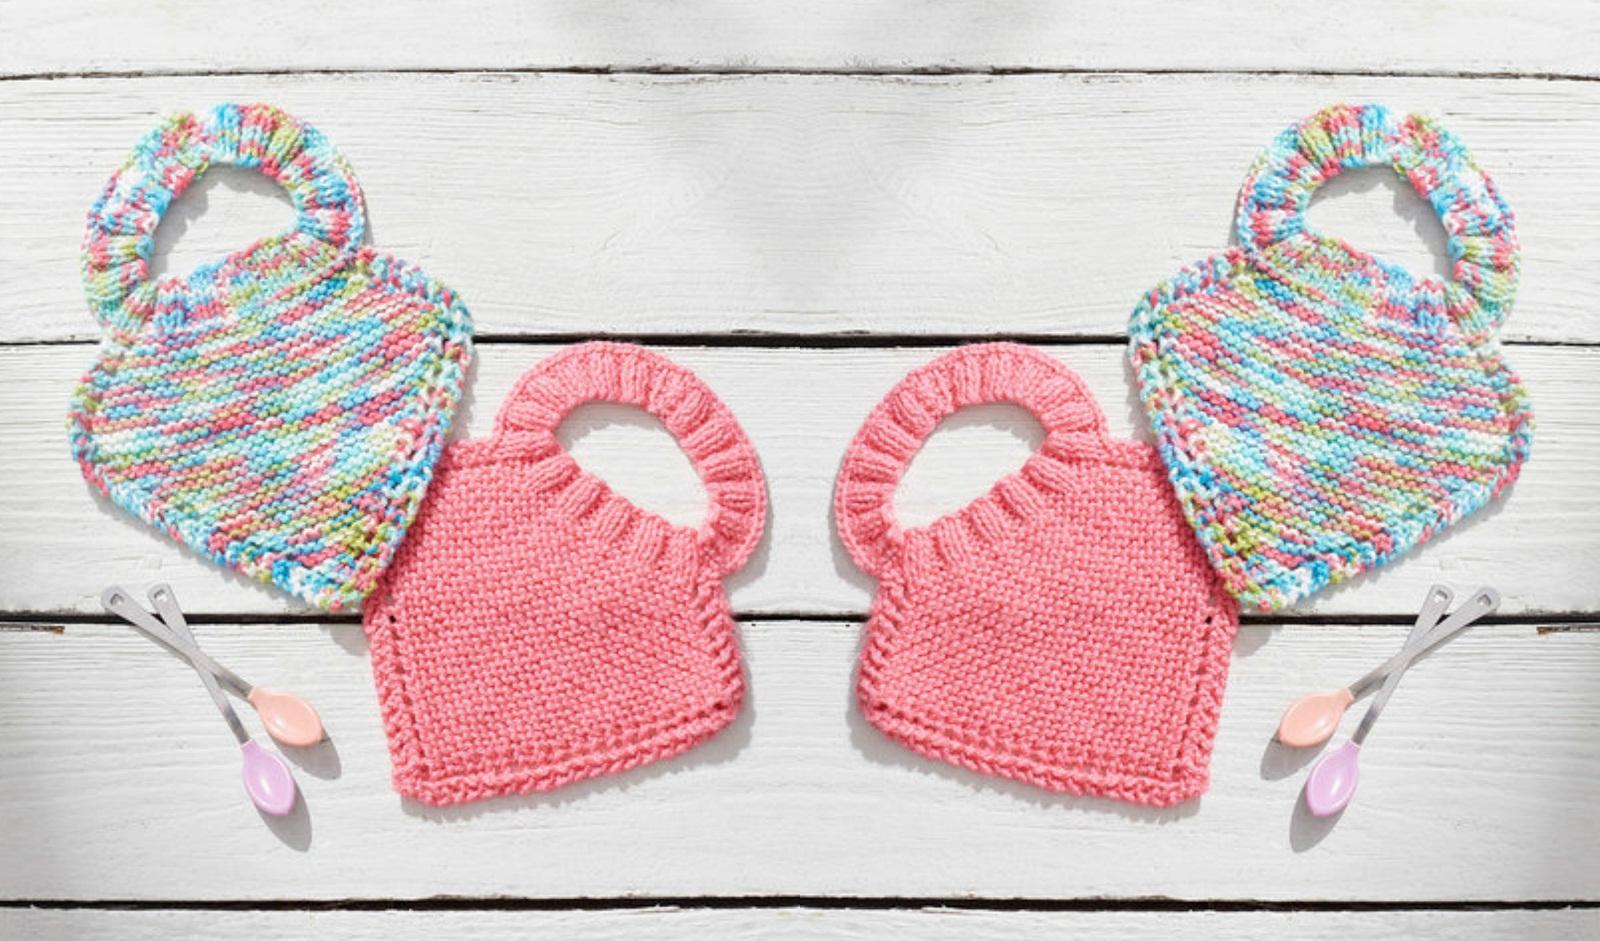 Crochet or Knit Baby Bibs – Free Patterns